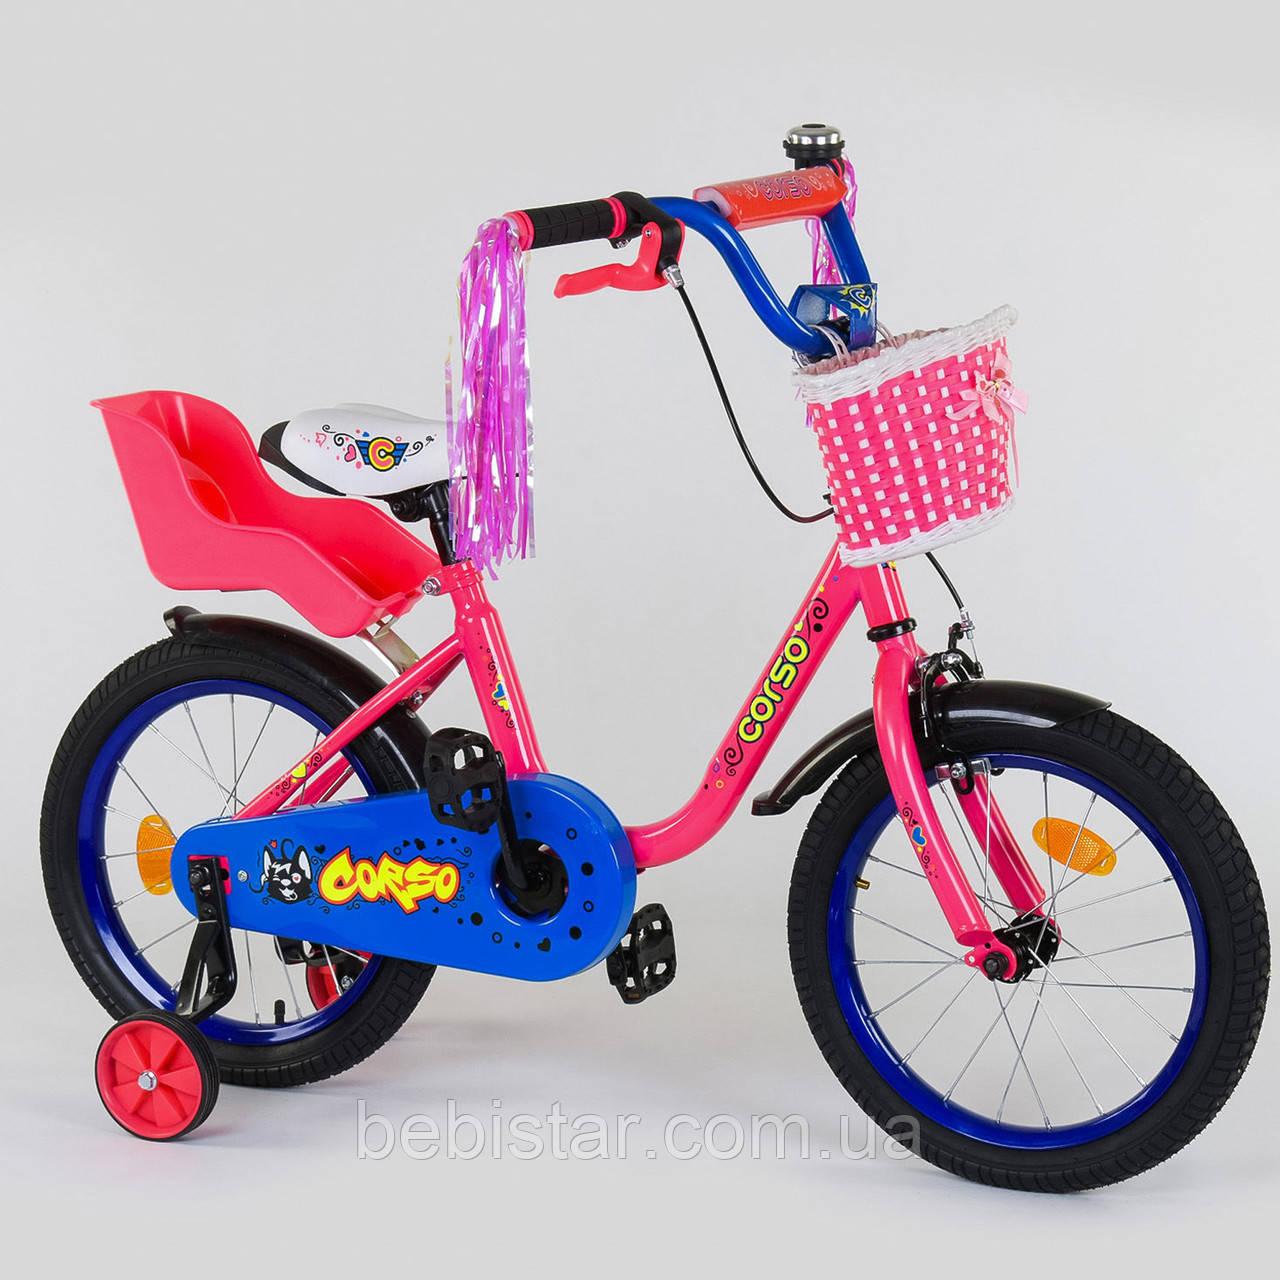 """Двухколесный детский велосипед Corso 16"""" РОЗОВЫЙ с розовой корзинкой и сидением для куклы детям 4-6 лет"""